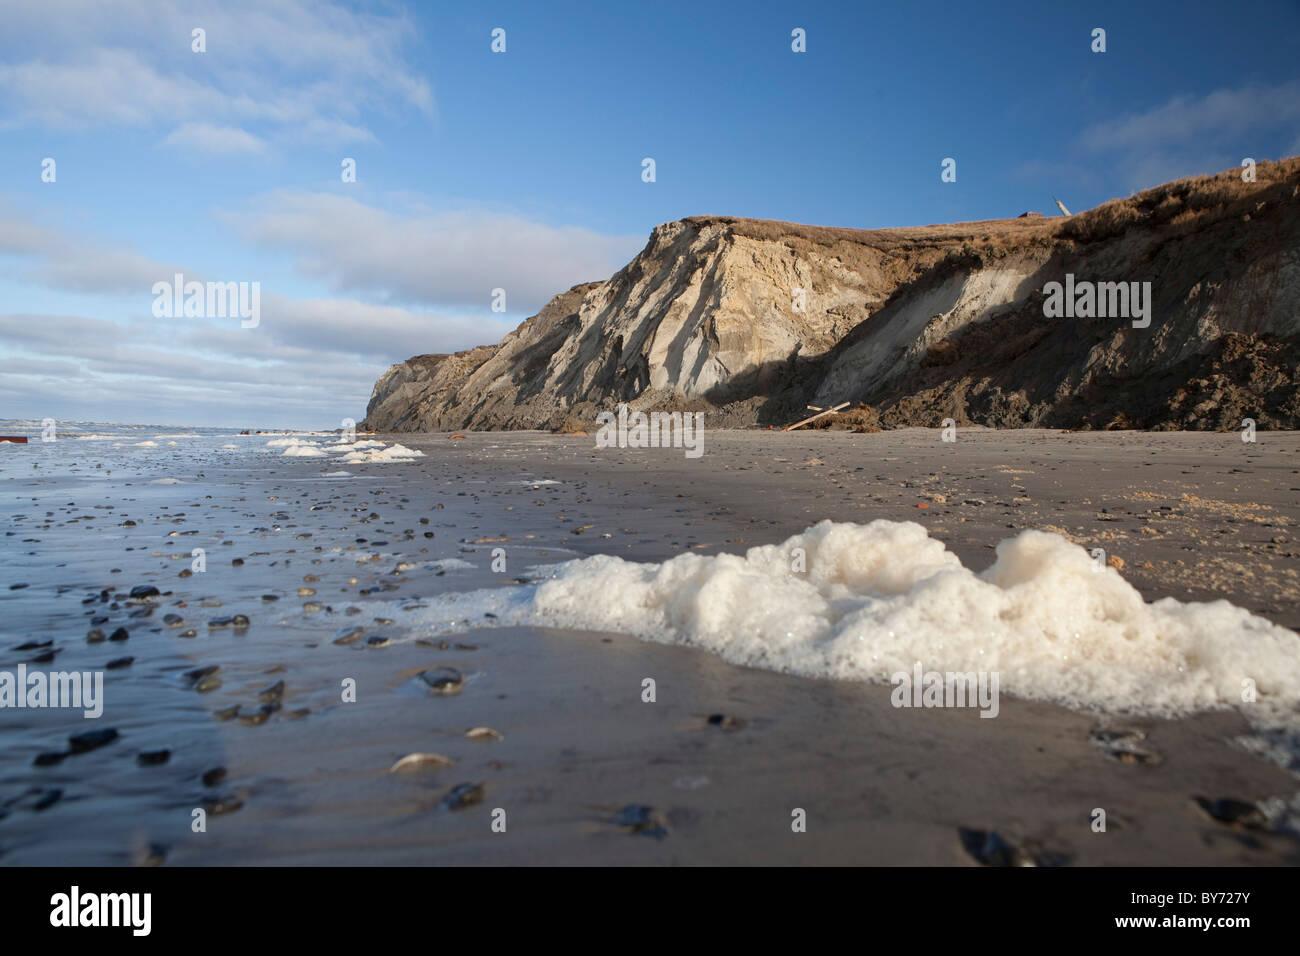 La péninsule de Yamal , l'ouest de la Sibérie , la Russie . La tribu Nenet mode de vie sont menacés Photo Stock